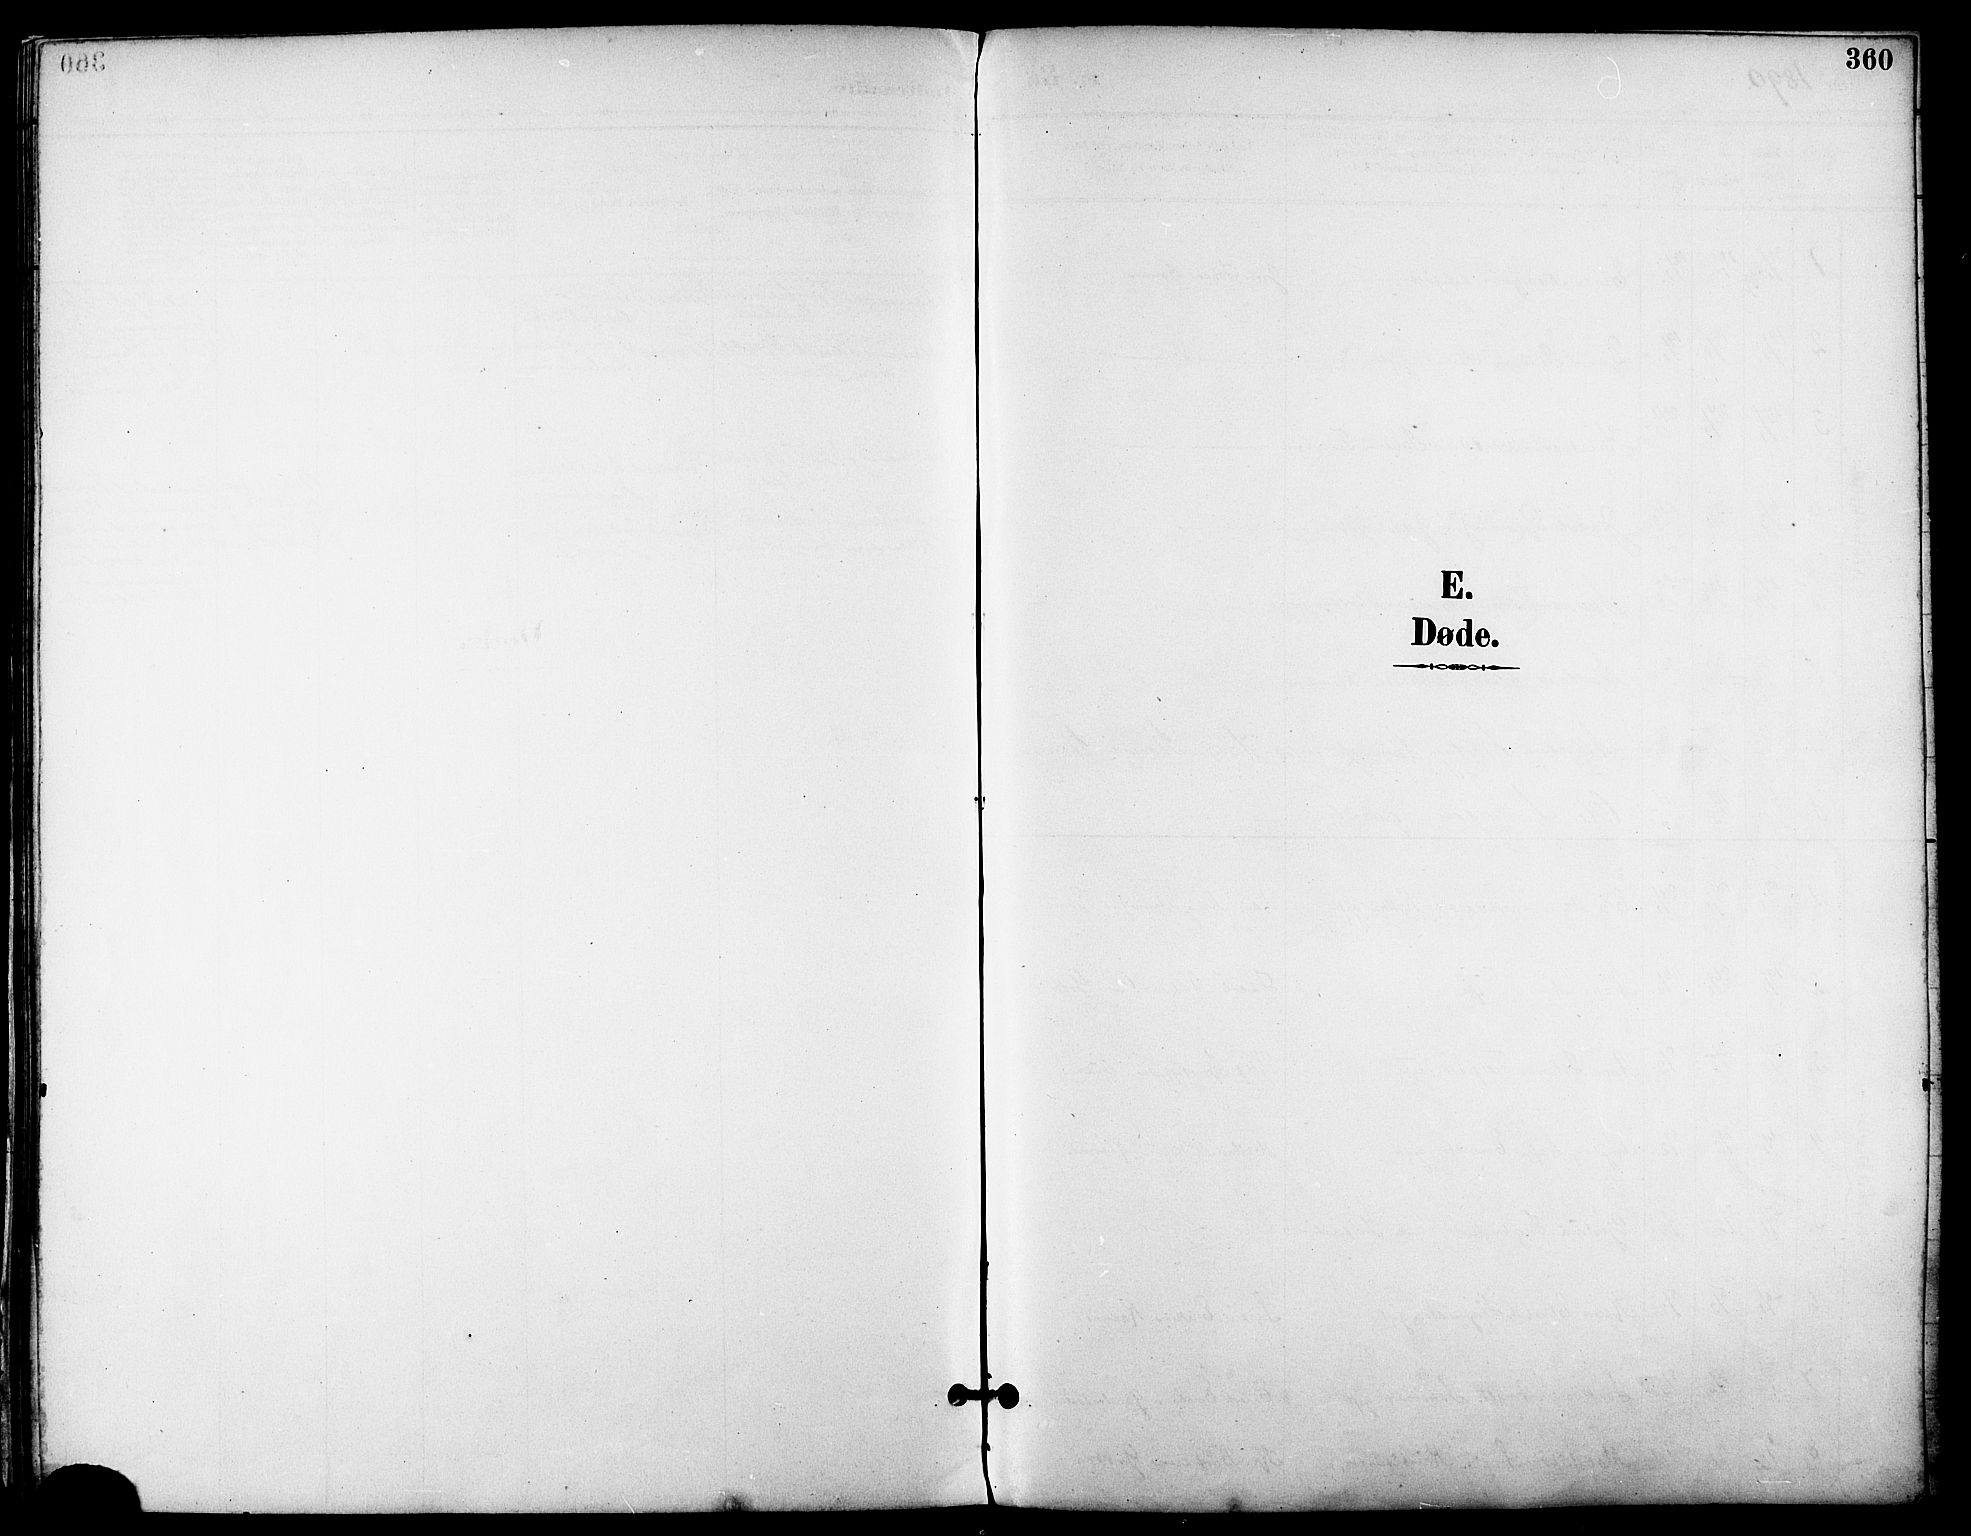 SATØ, Trondenes sokneprestkontor, H/Ha/L0016kirke: Ministerialbok nr. 16, 1890-1898, s. 360